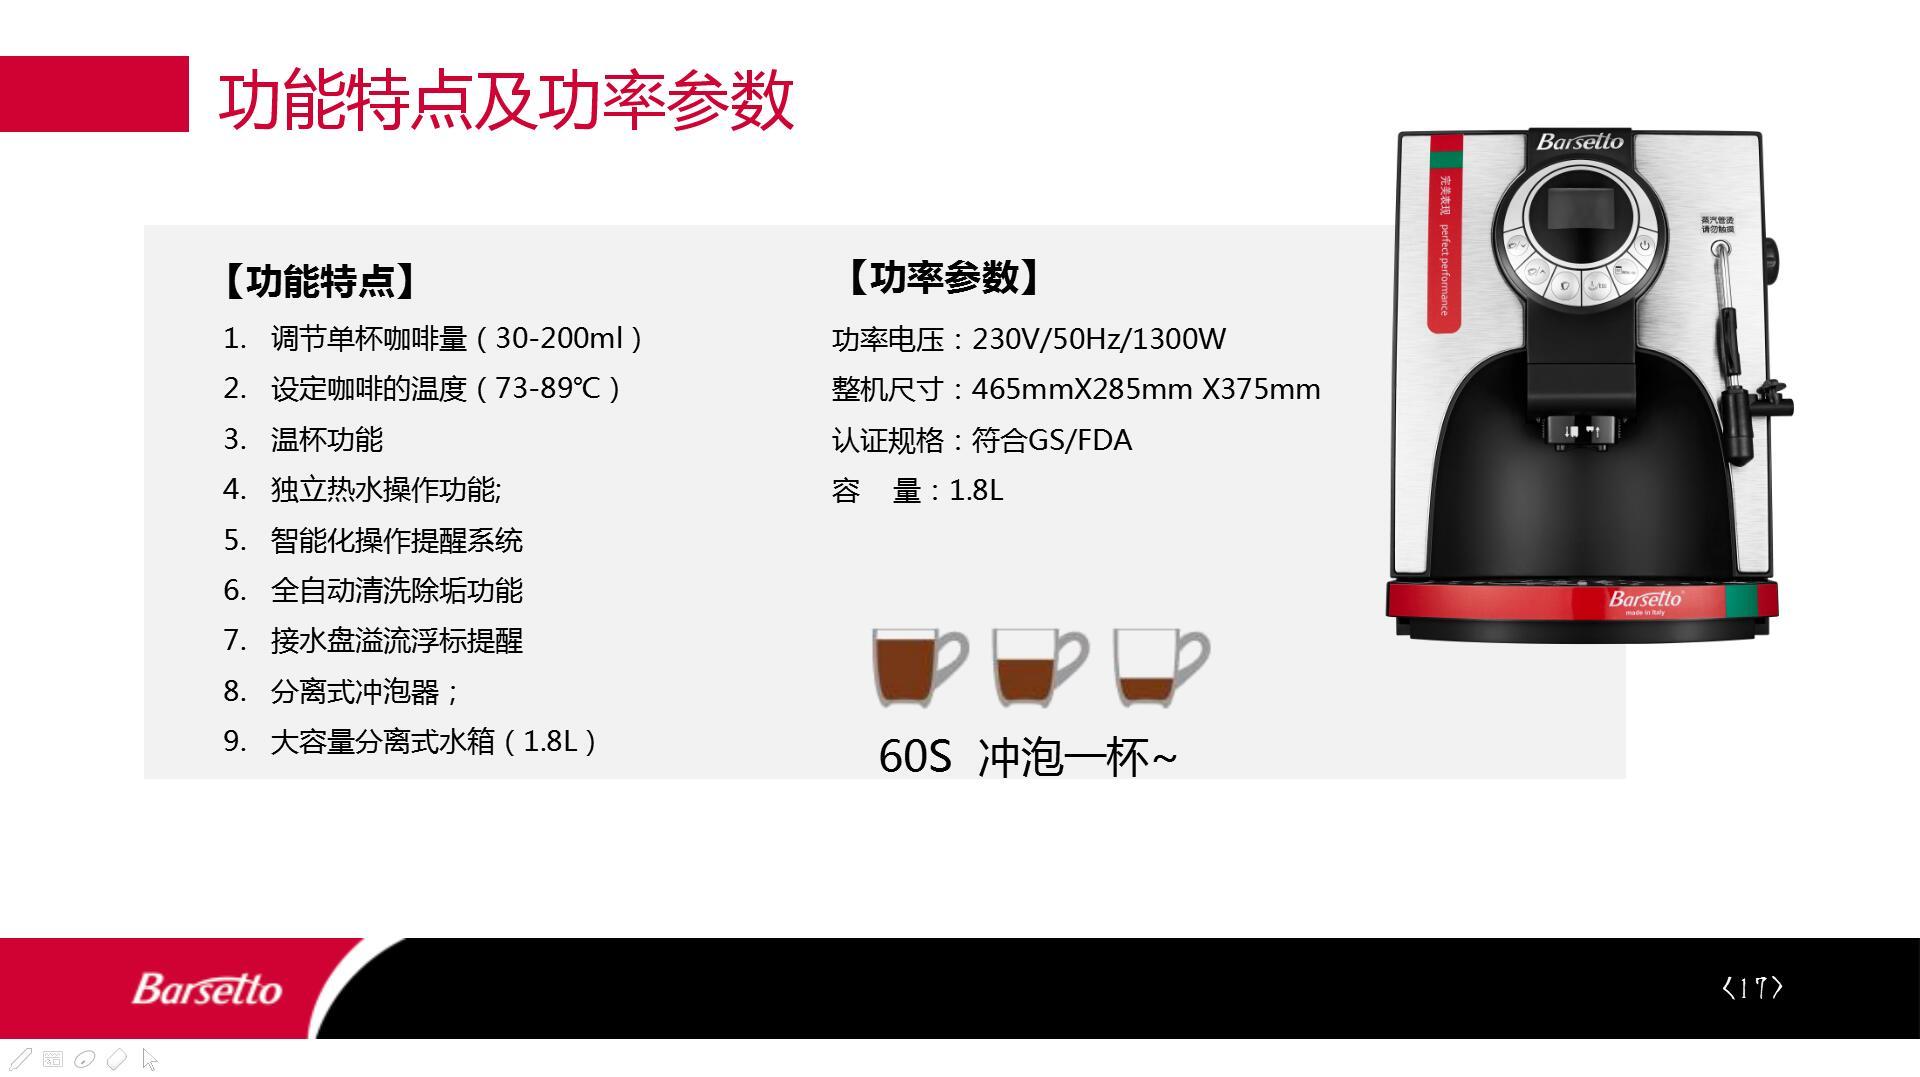 Barsetto 咖啡机方案 (17)